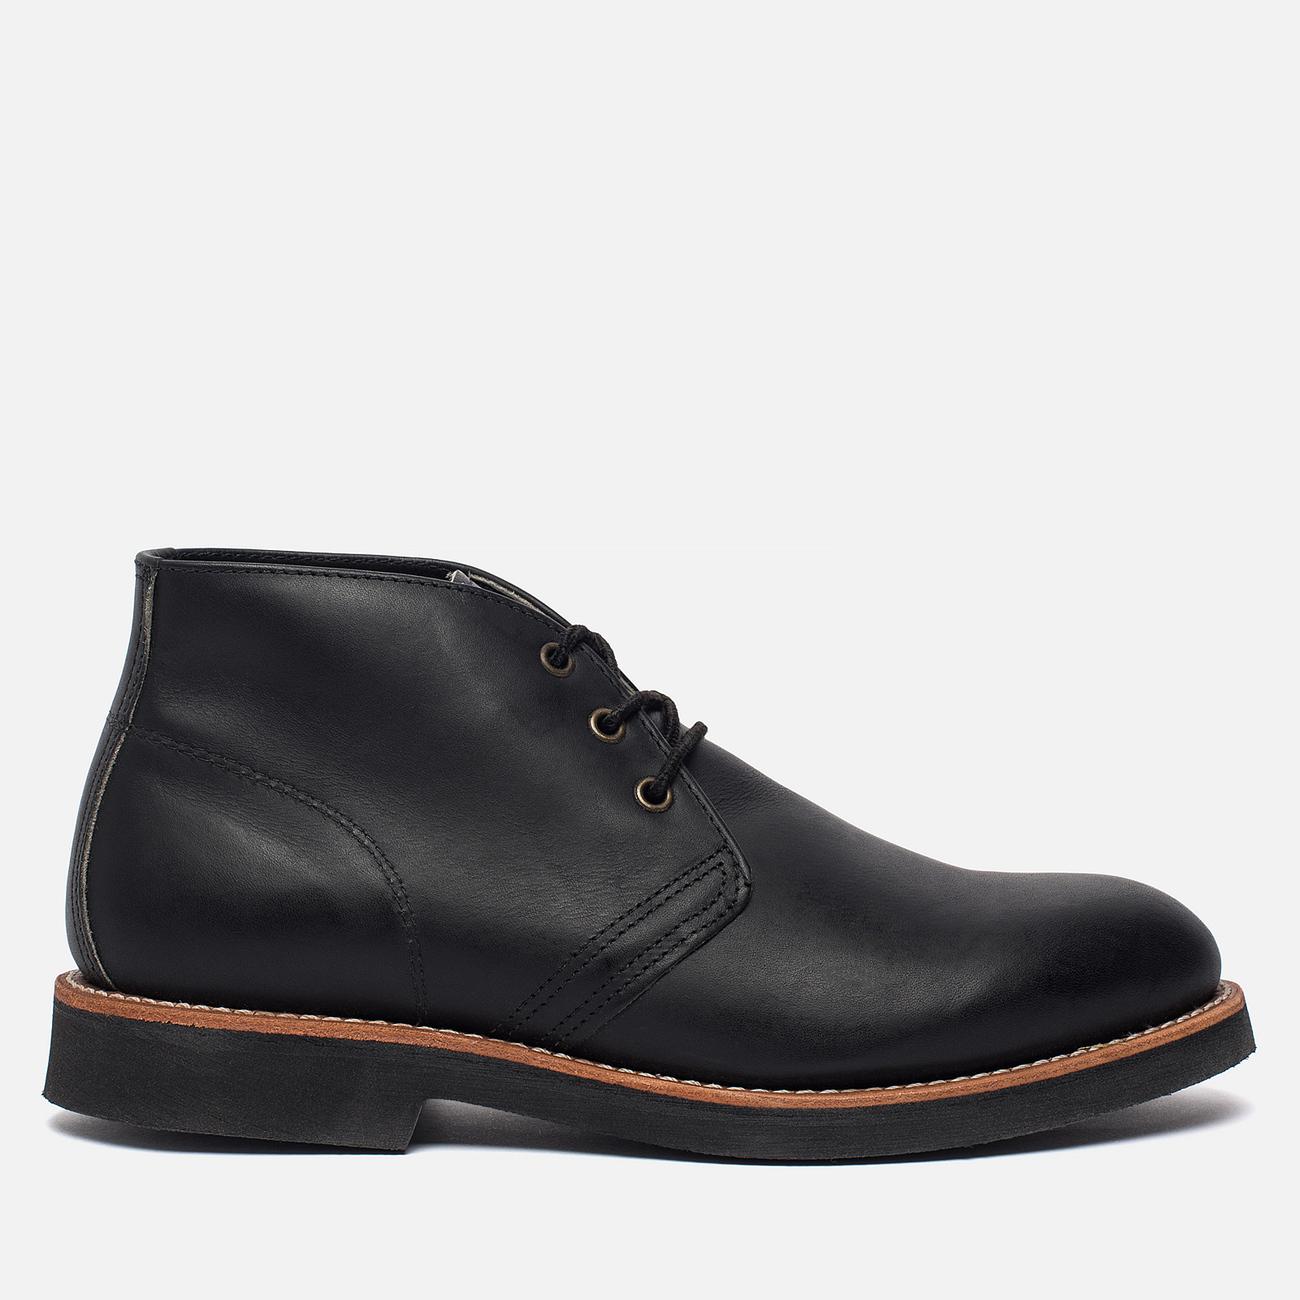 Мужские ботинки Red Wing Shoes 9216 Foreman Chukka Leather Black Harness